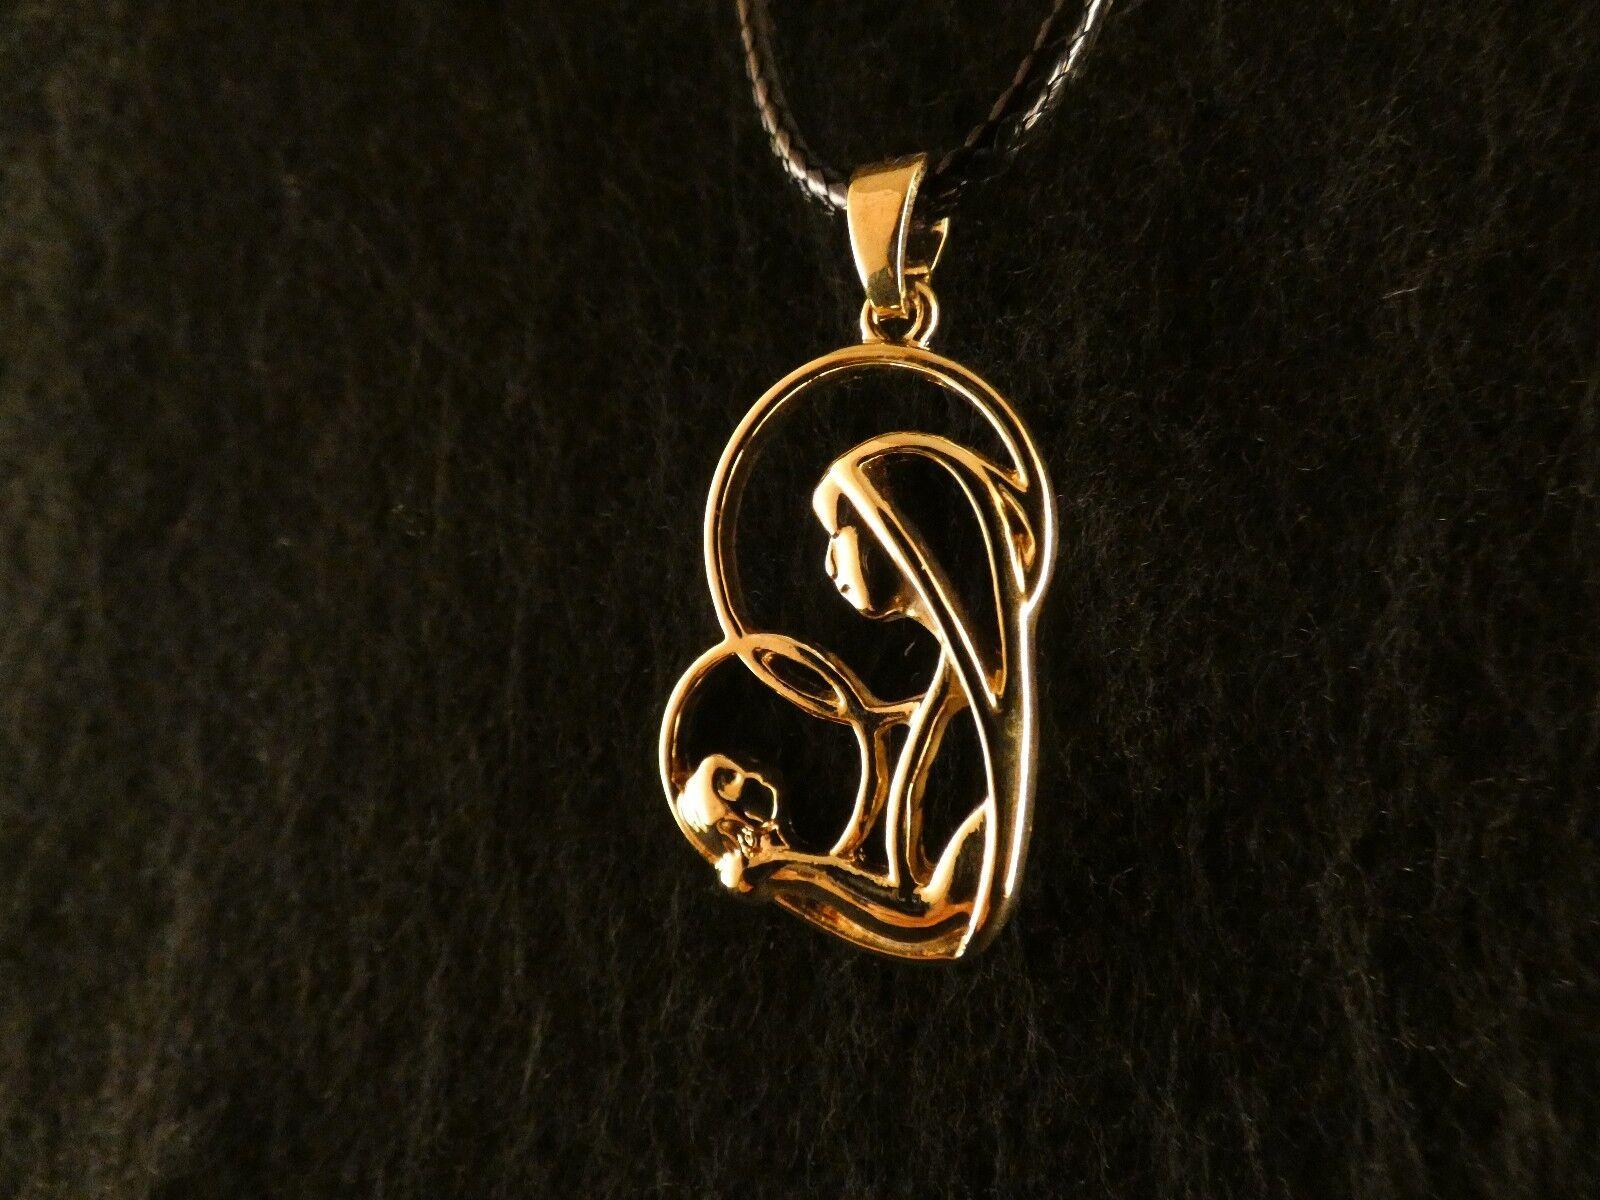 Anhänger 24 Karat gold Mutter Kind Muttertag Geschenk Halskette Chain